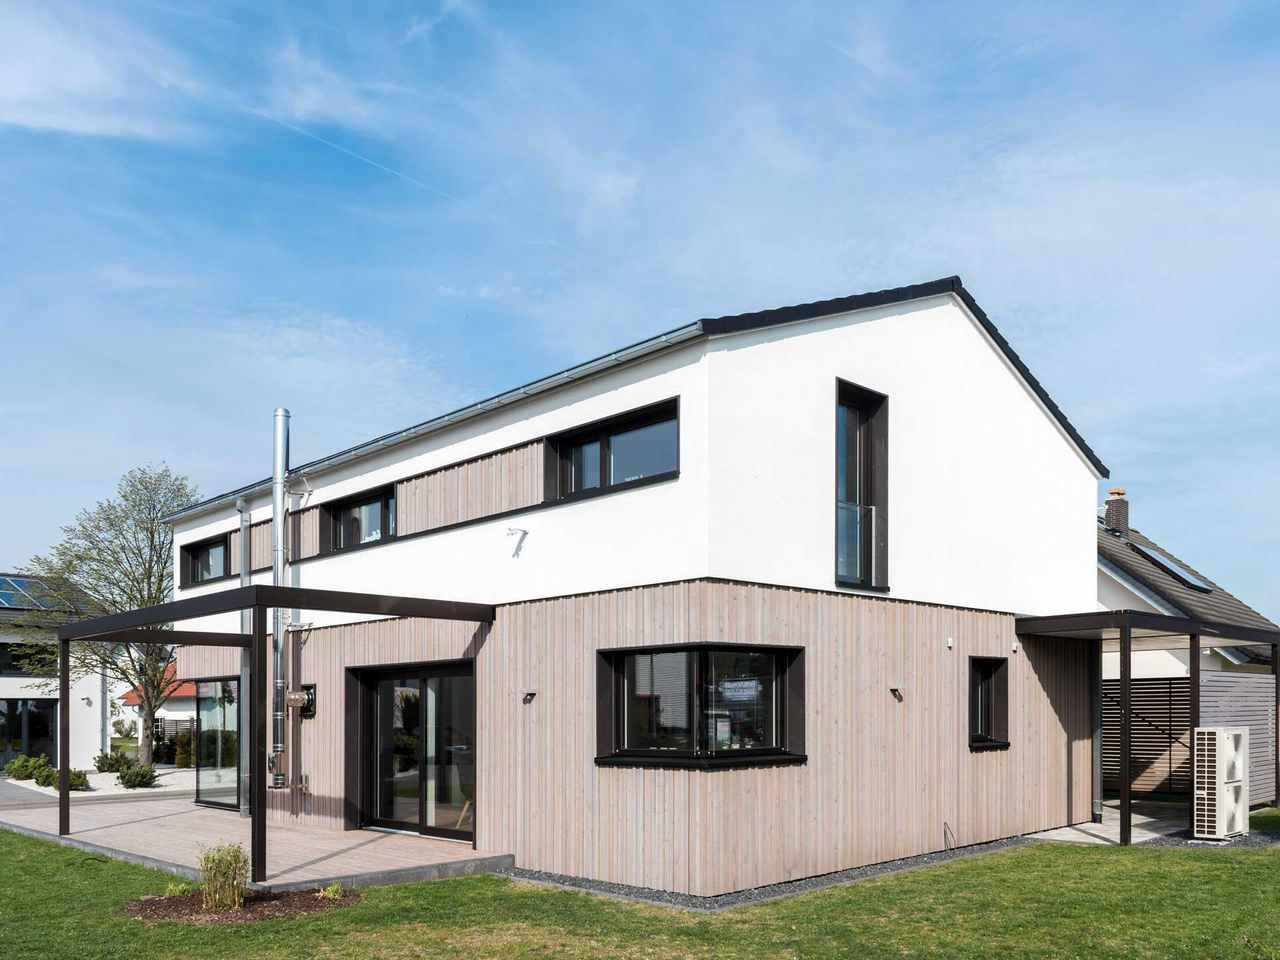 Musterhaus Design 183 von Frammelsberger Holzhaus seitliche Ansicht 2